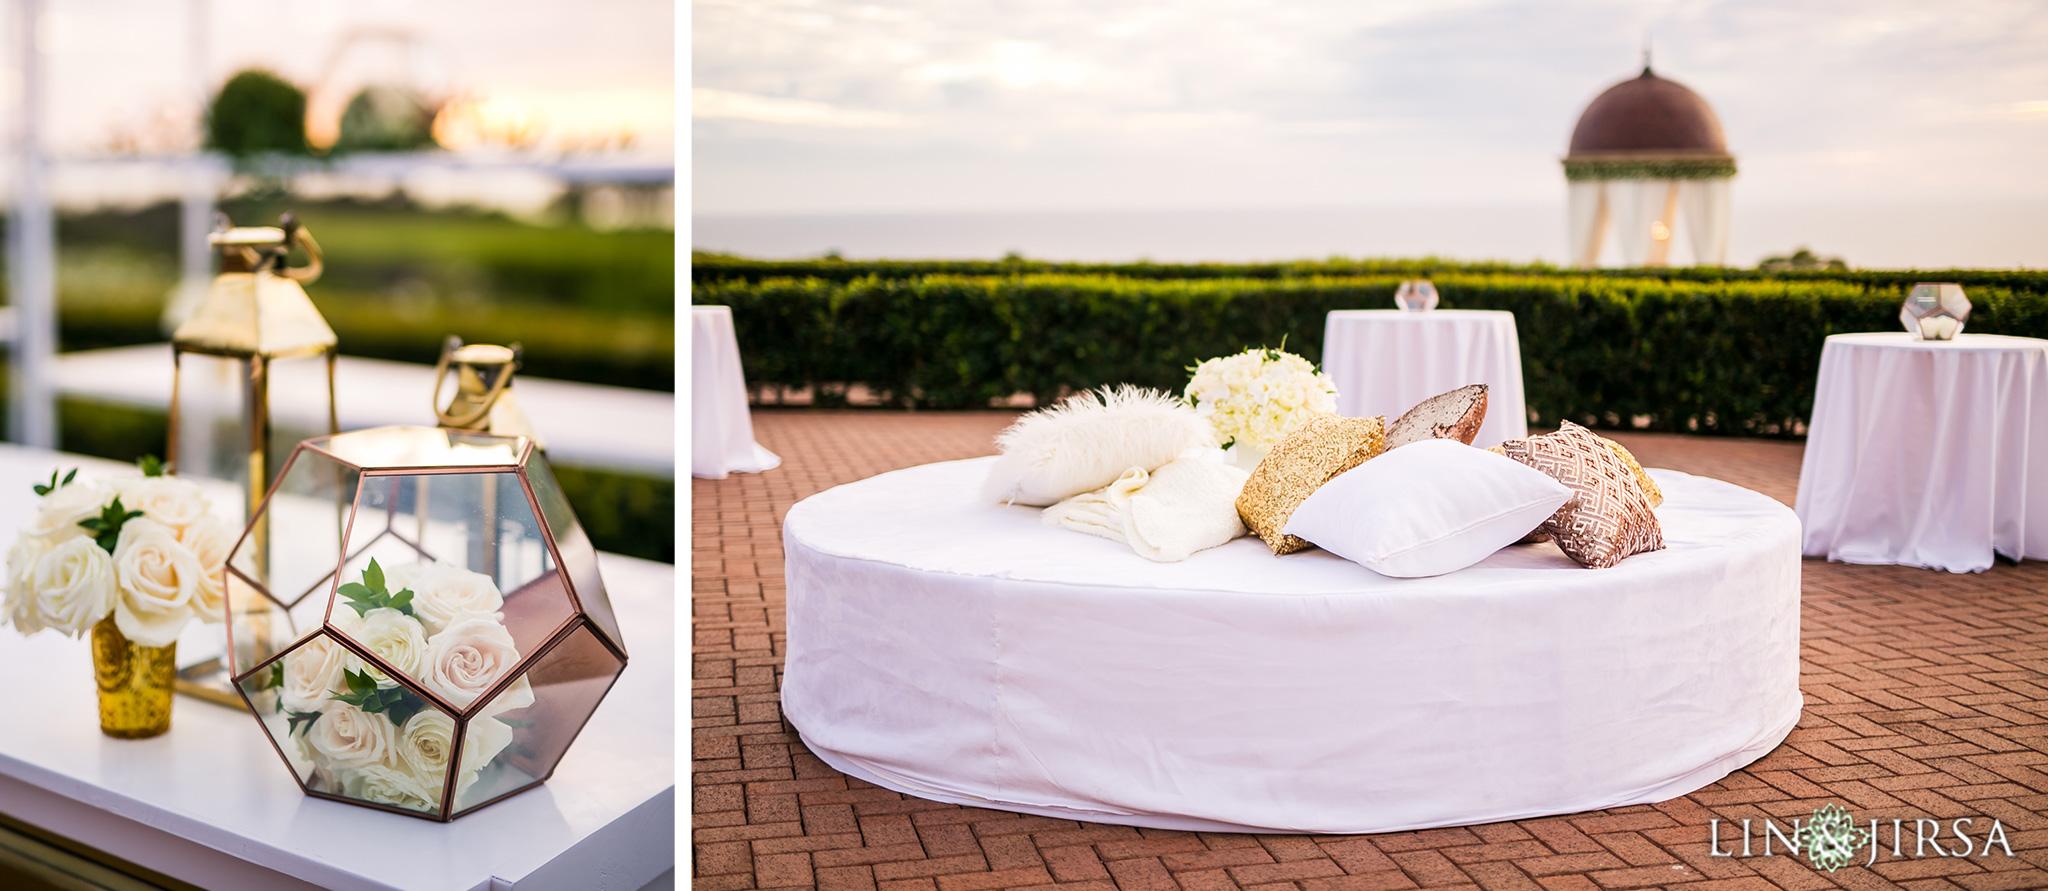 27-pelican-hill-resort-indian-wedding-photographer